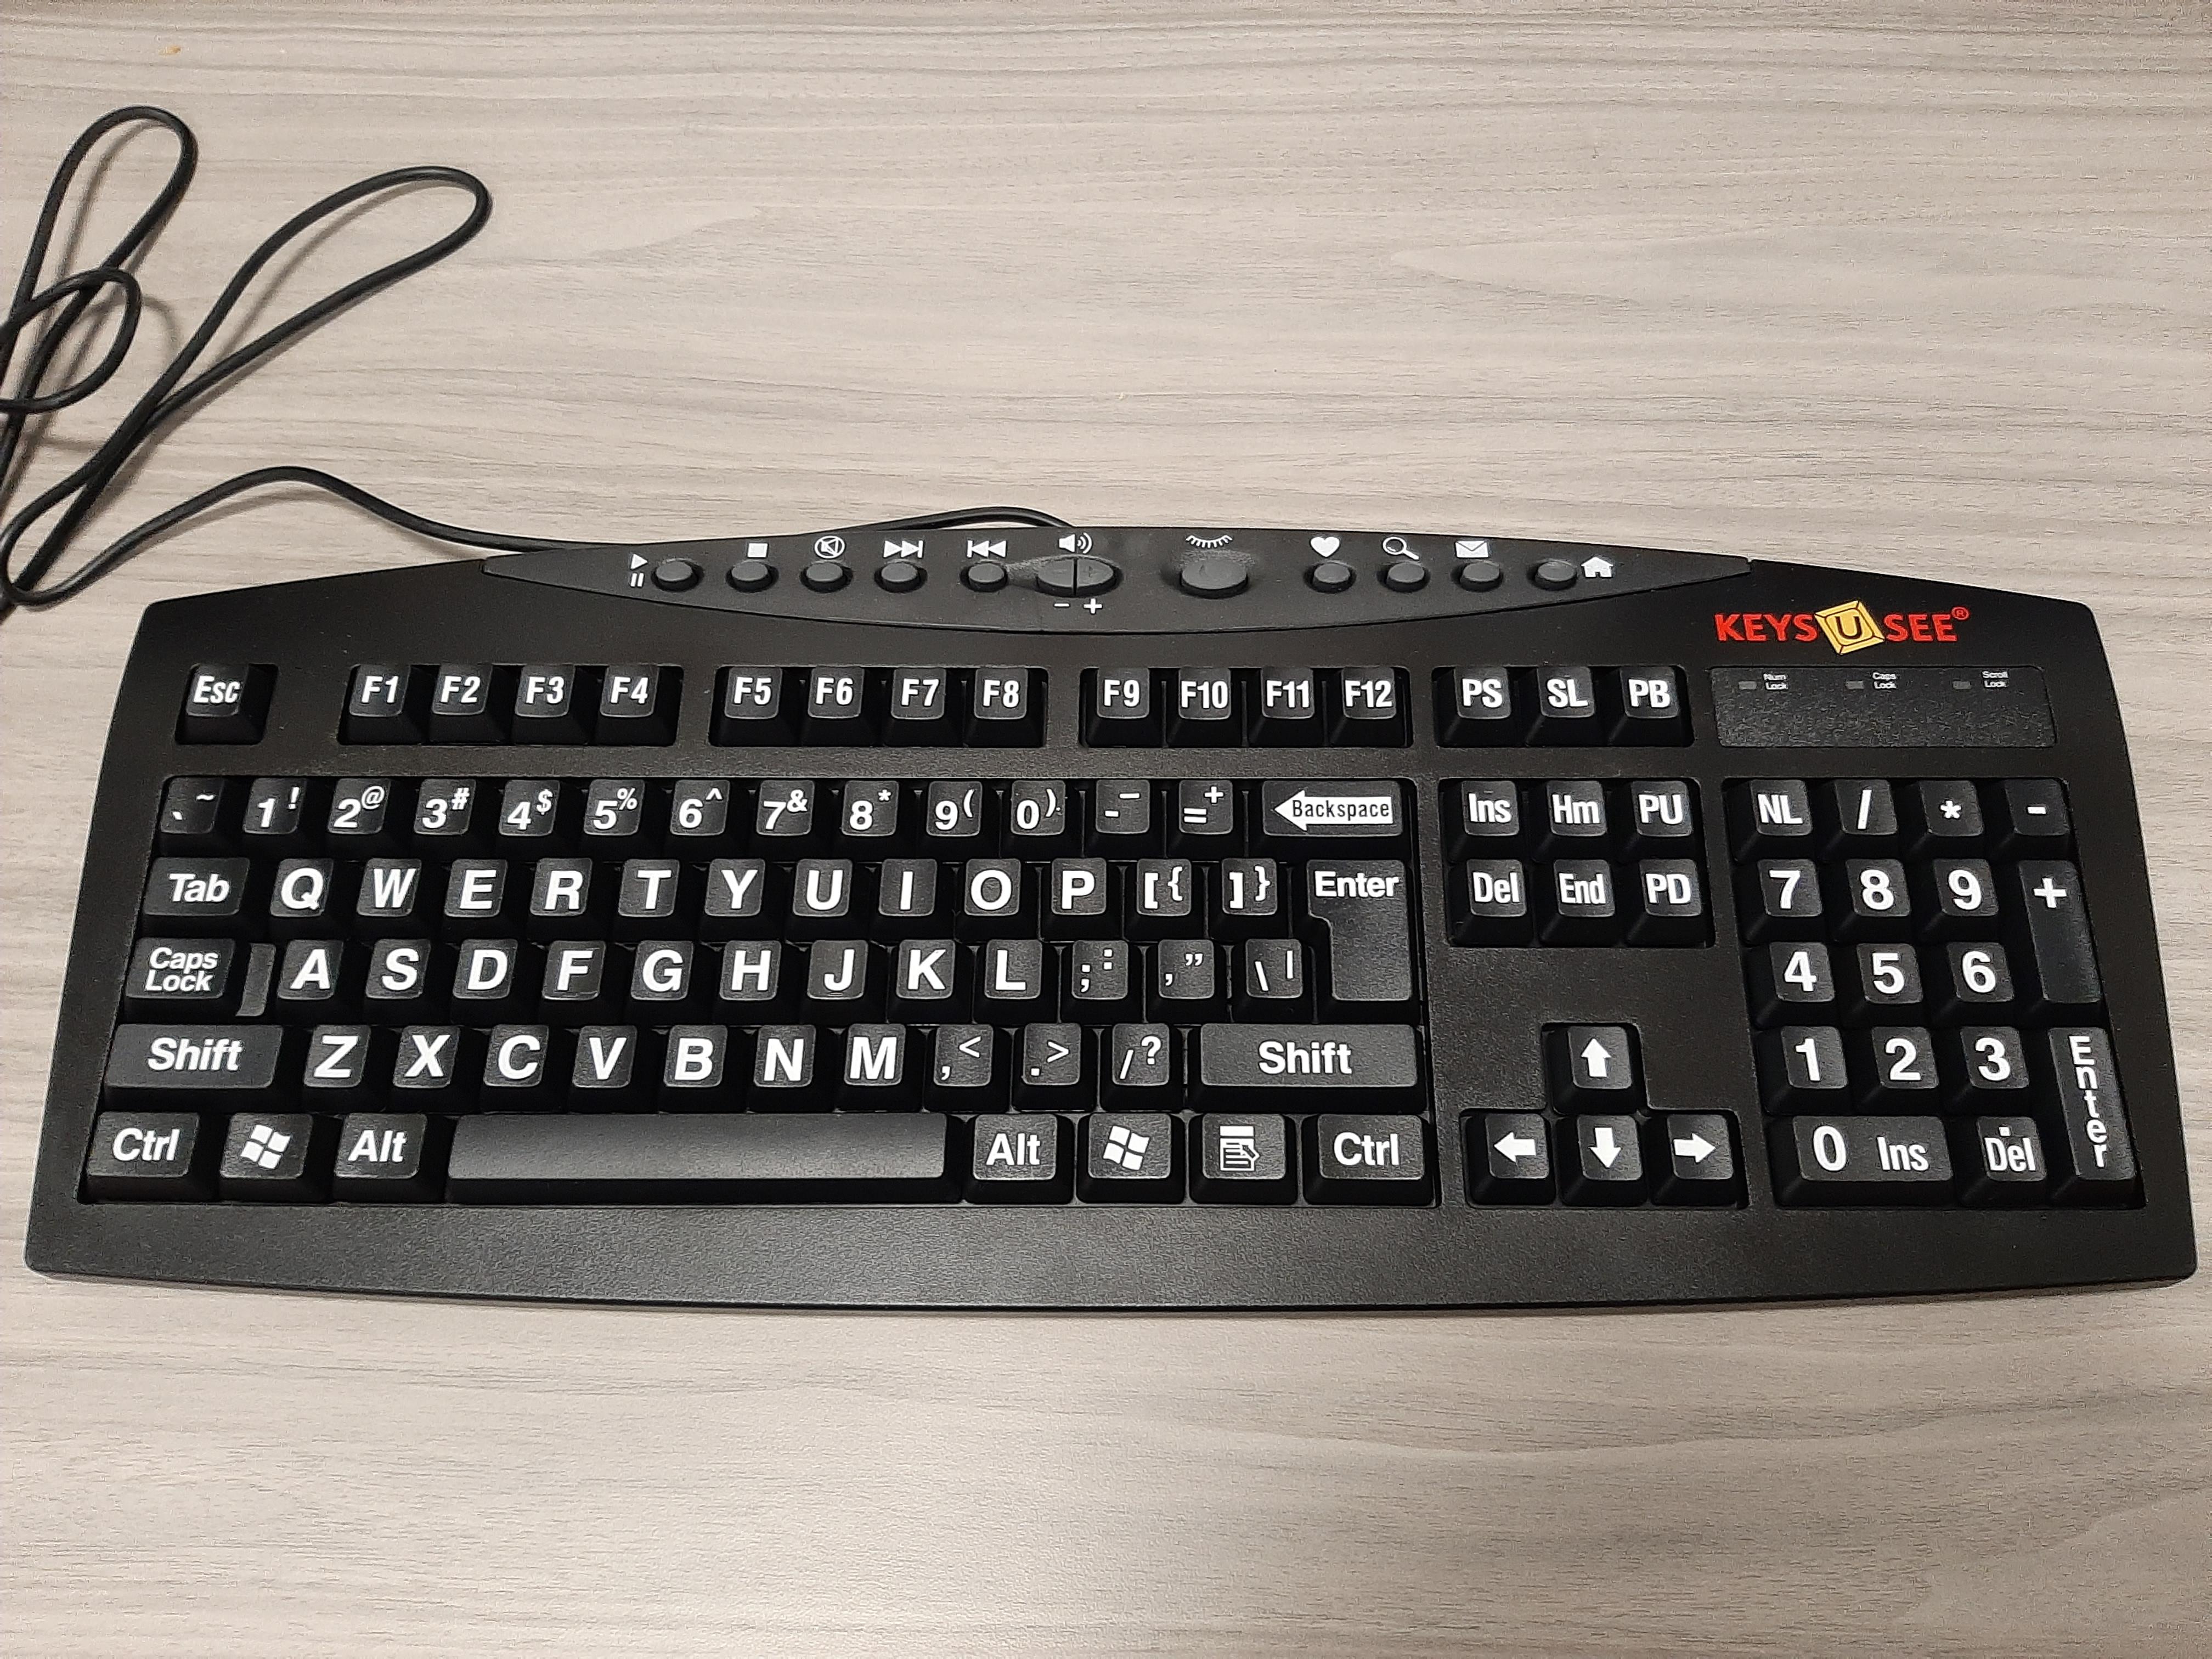 Keys-U-See Keyboard